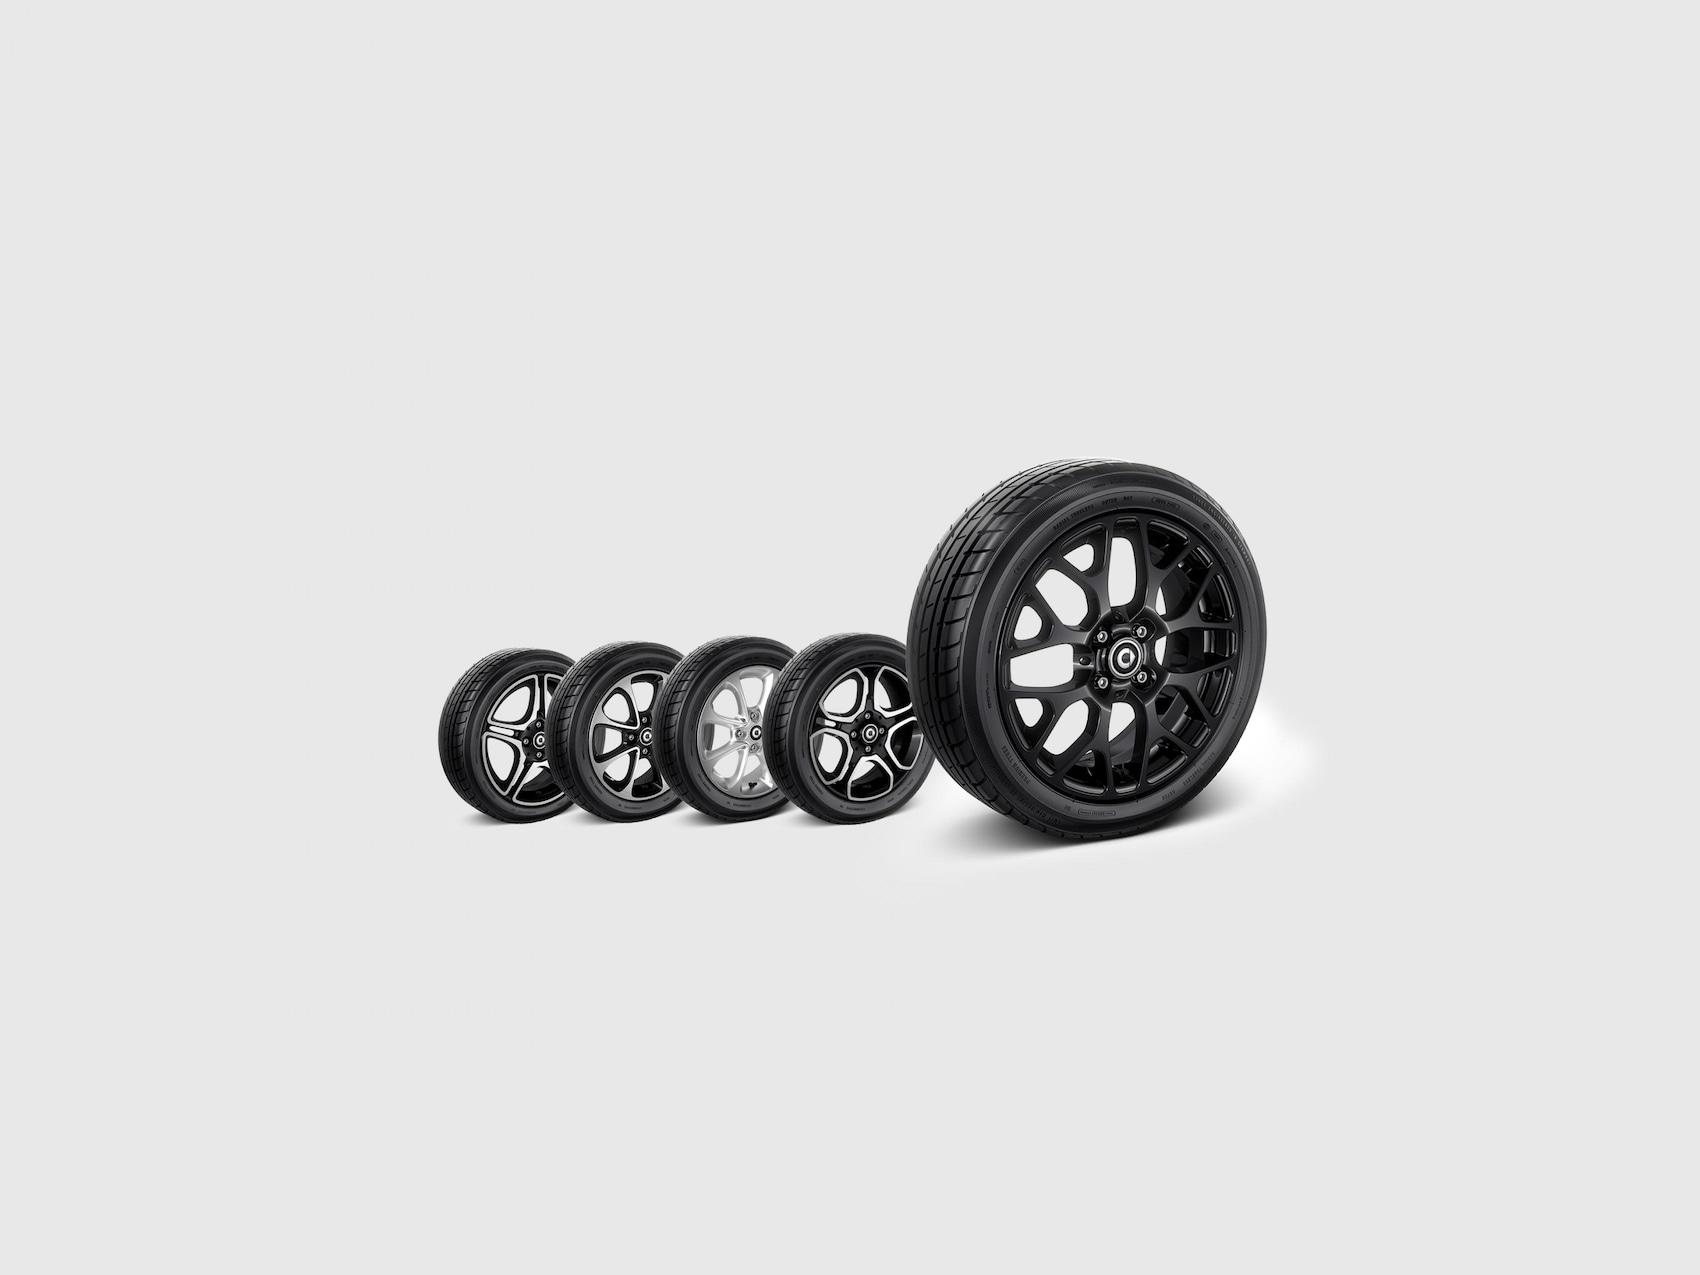 Zulässige Rad-/Reifenkombinationen für den smart forfour